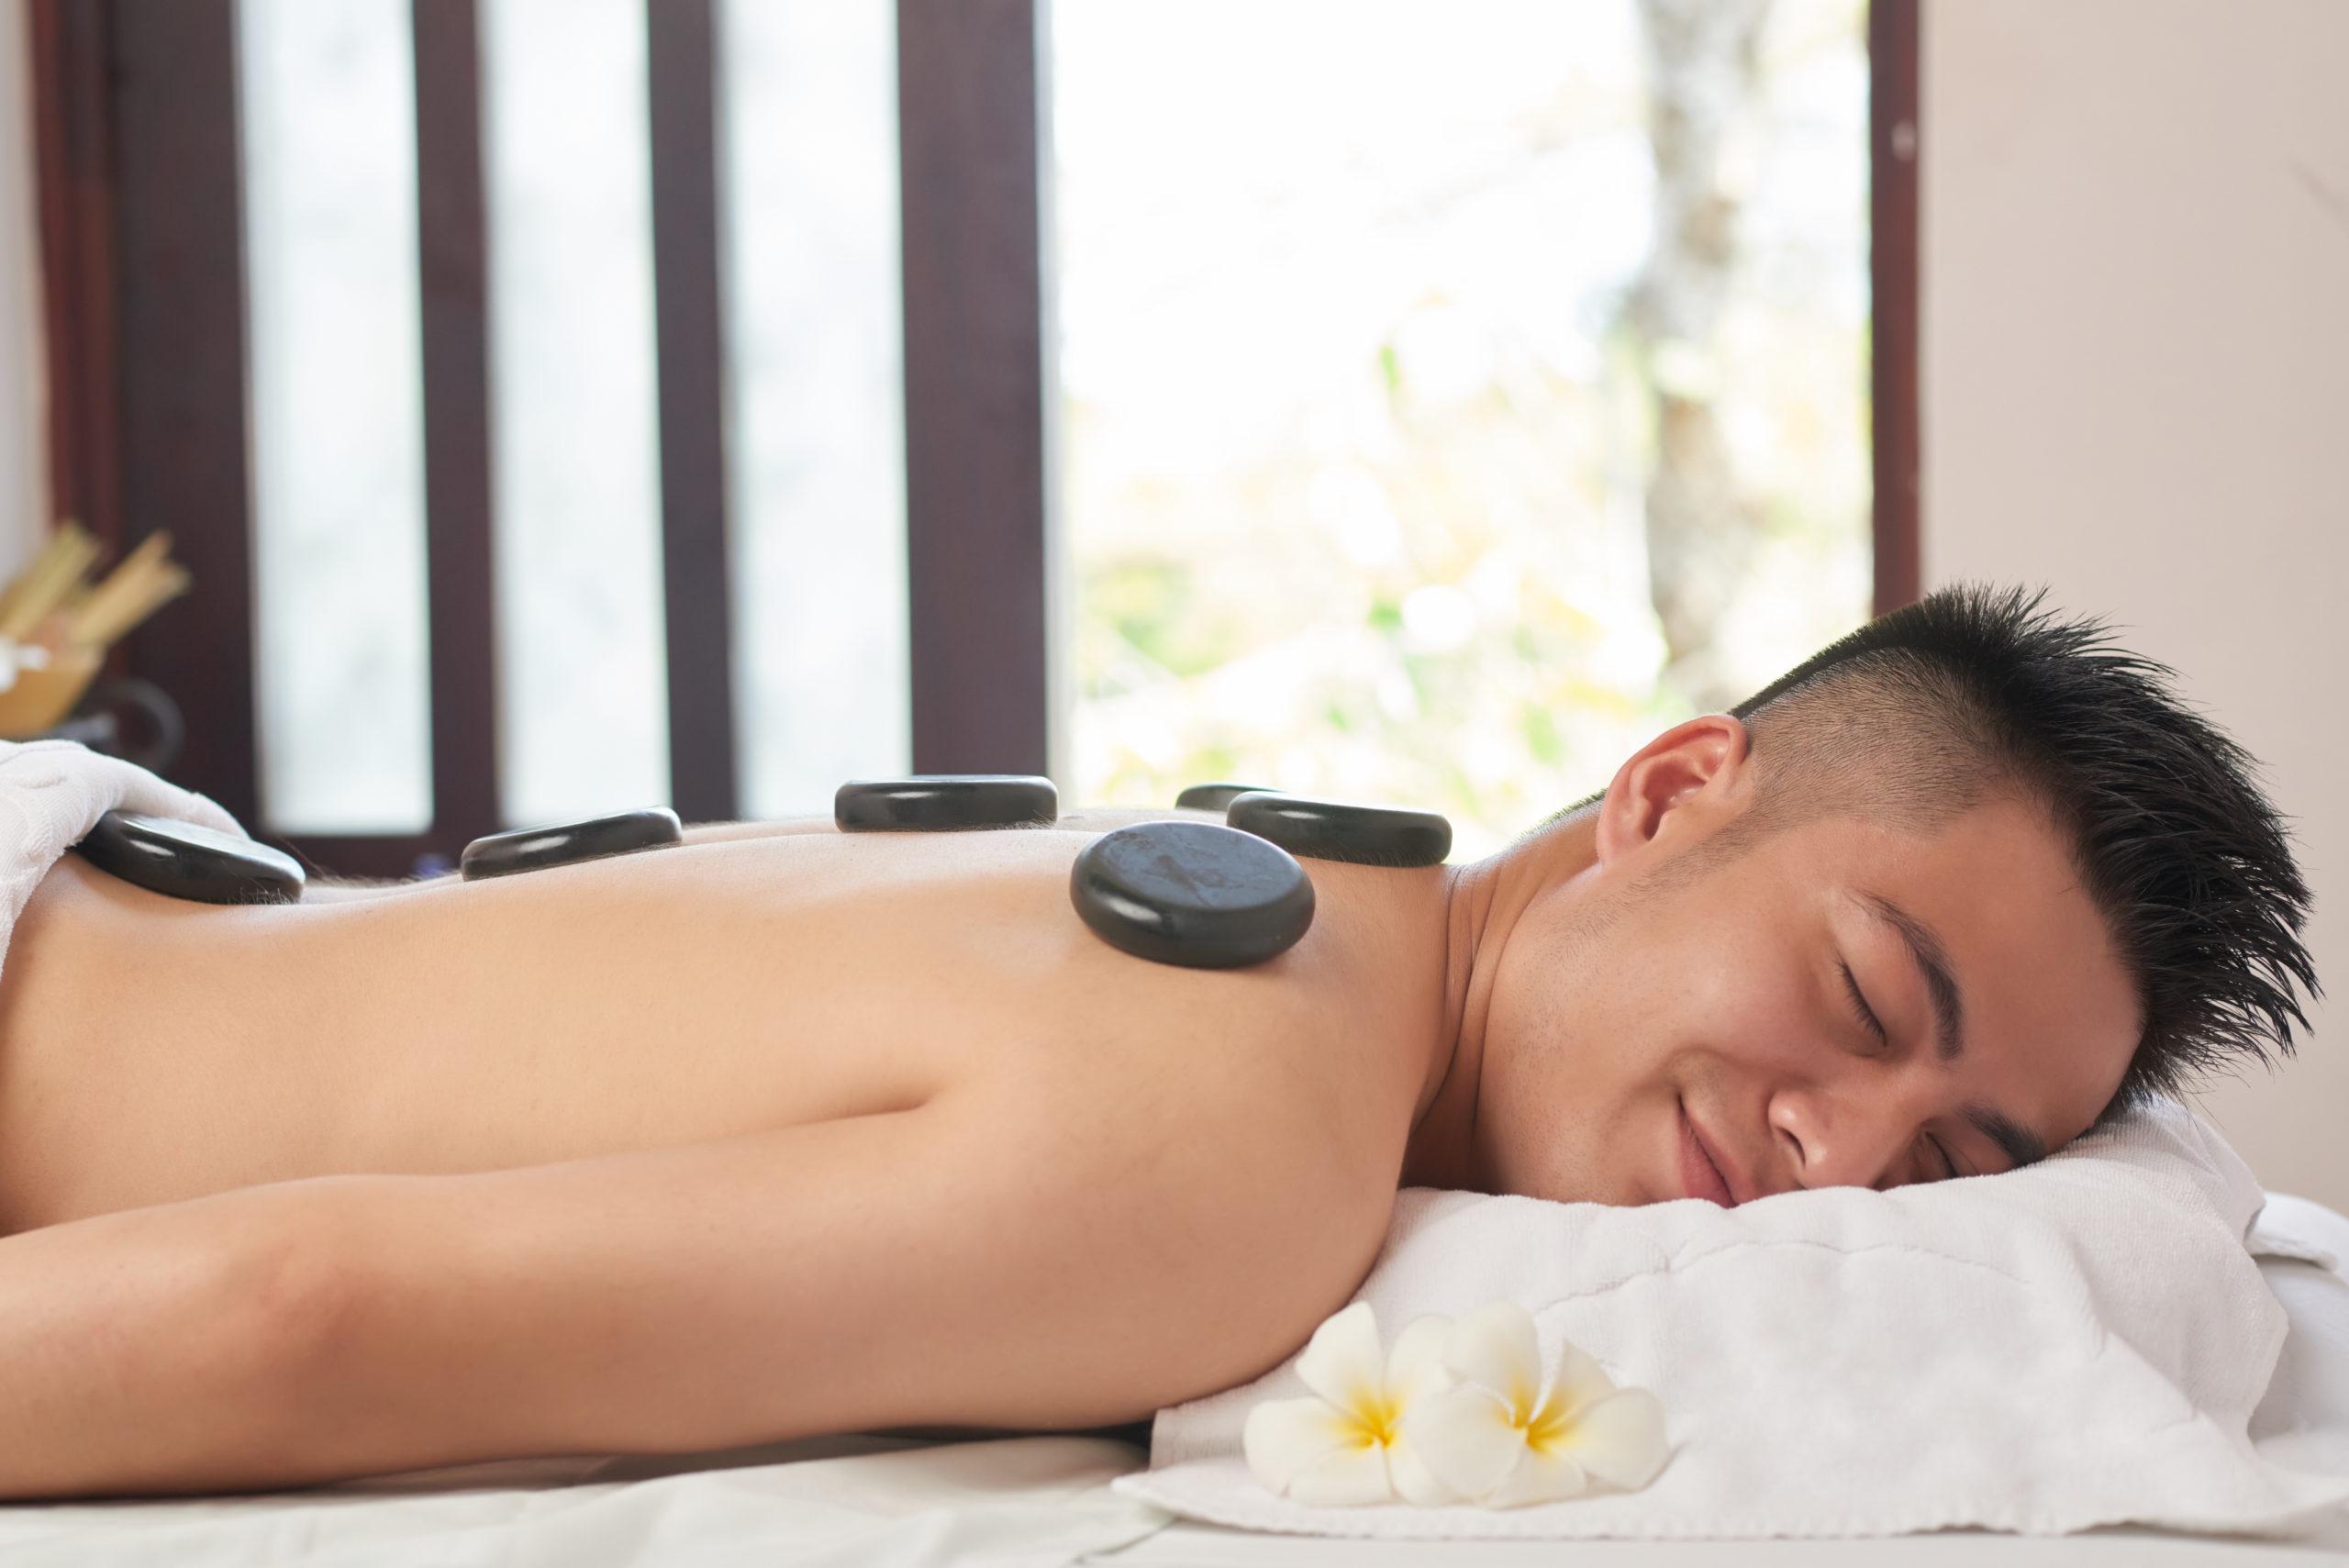 Comment bien reposer son dos